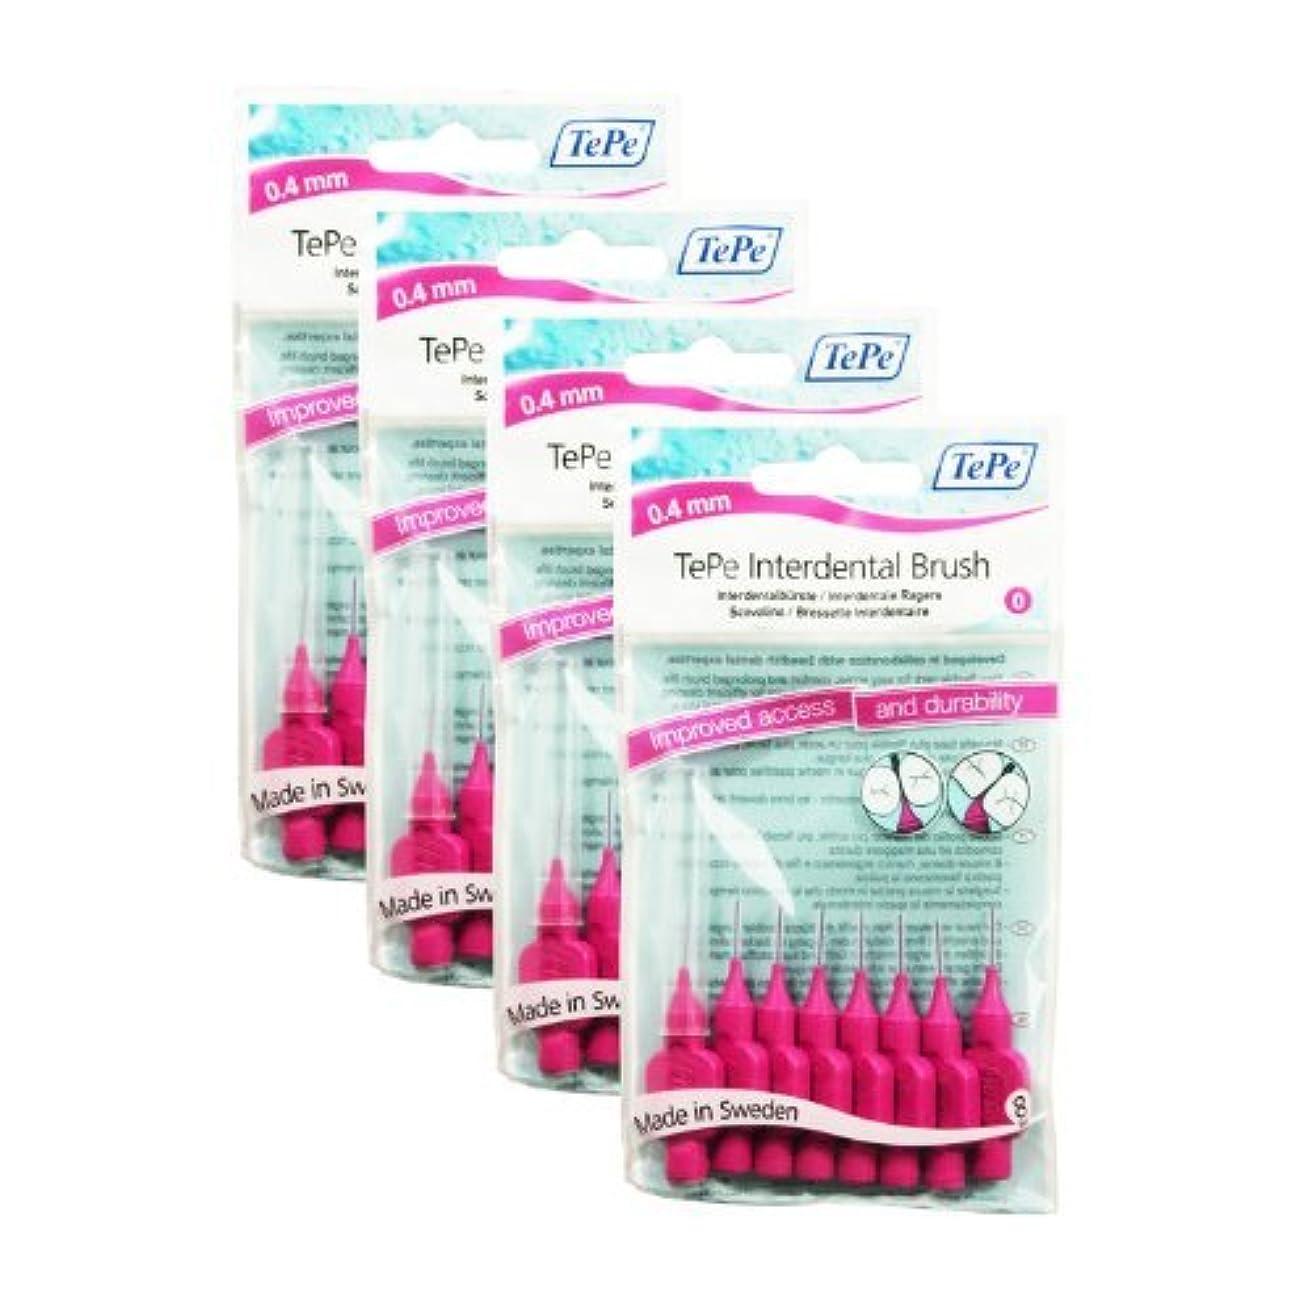 罪悪感お嬢クラスTePe Interdental Brushes 0.4mm Pink - 4 Packets of 8 (32Brushes) by TePe